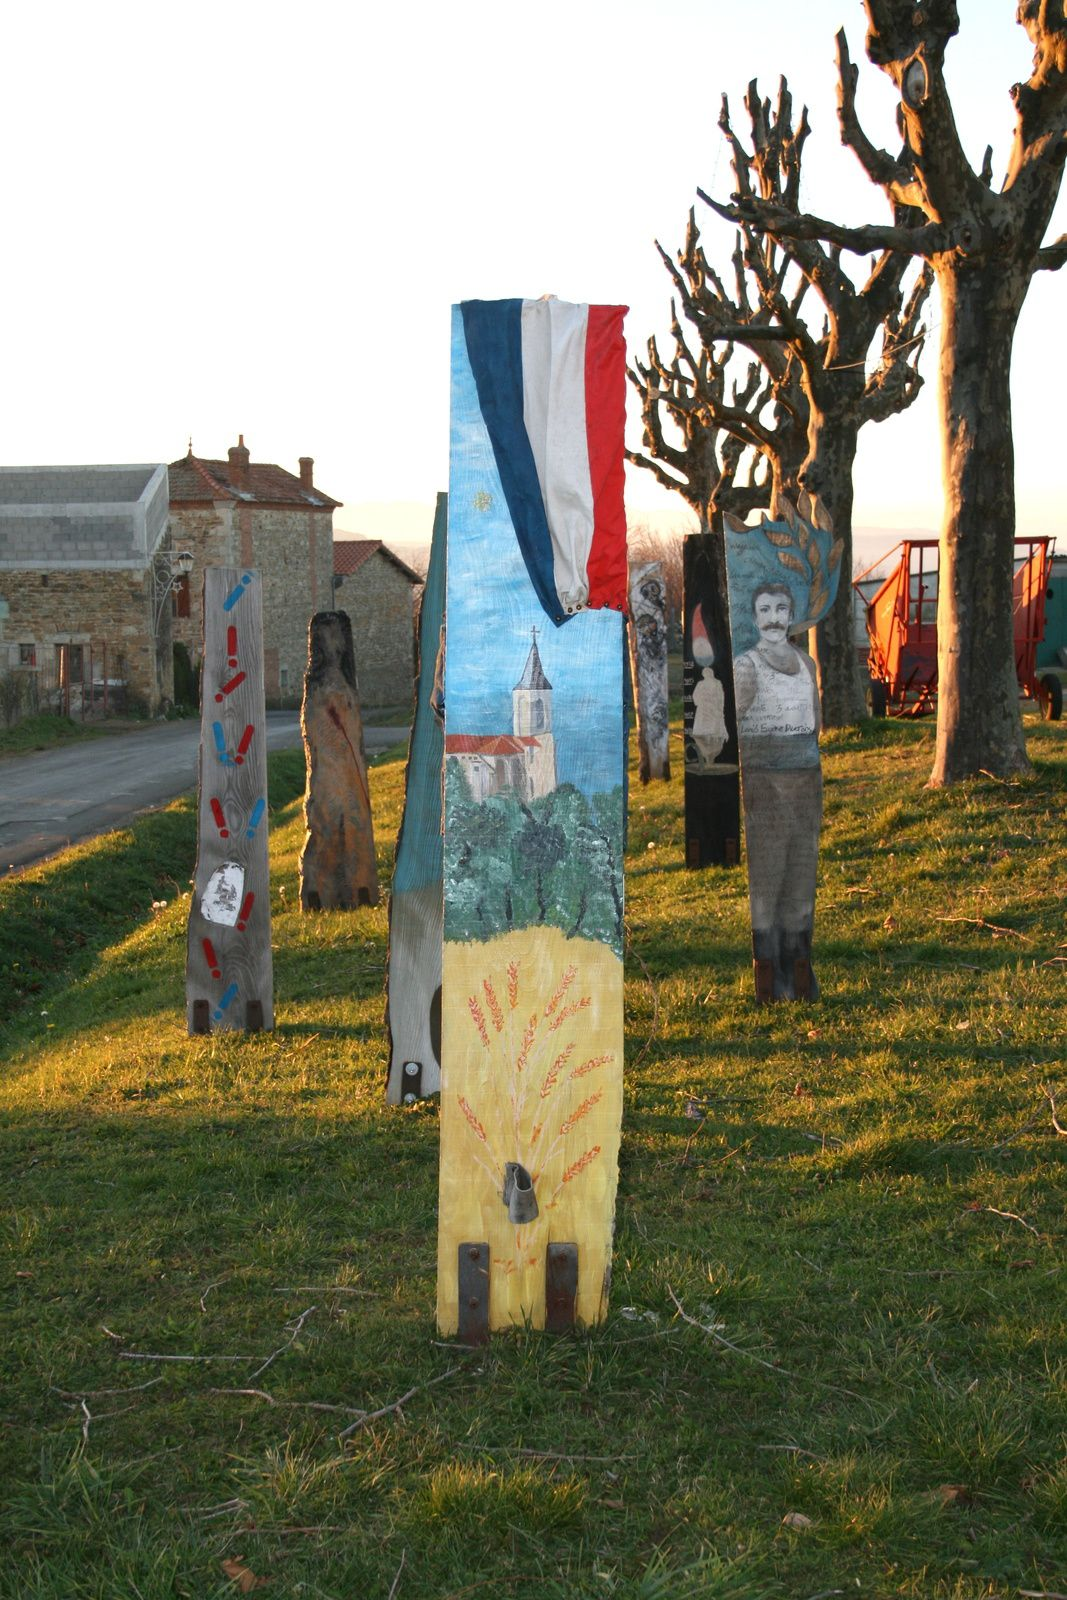 sentinelles 14-18 mémoire de guerre- egliseneuve près Billom, Auvergne- France- art